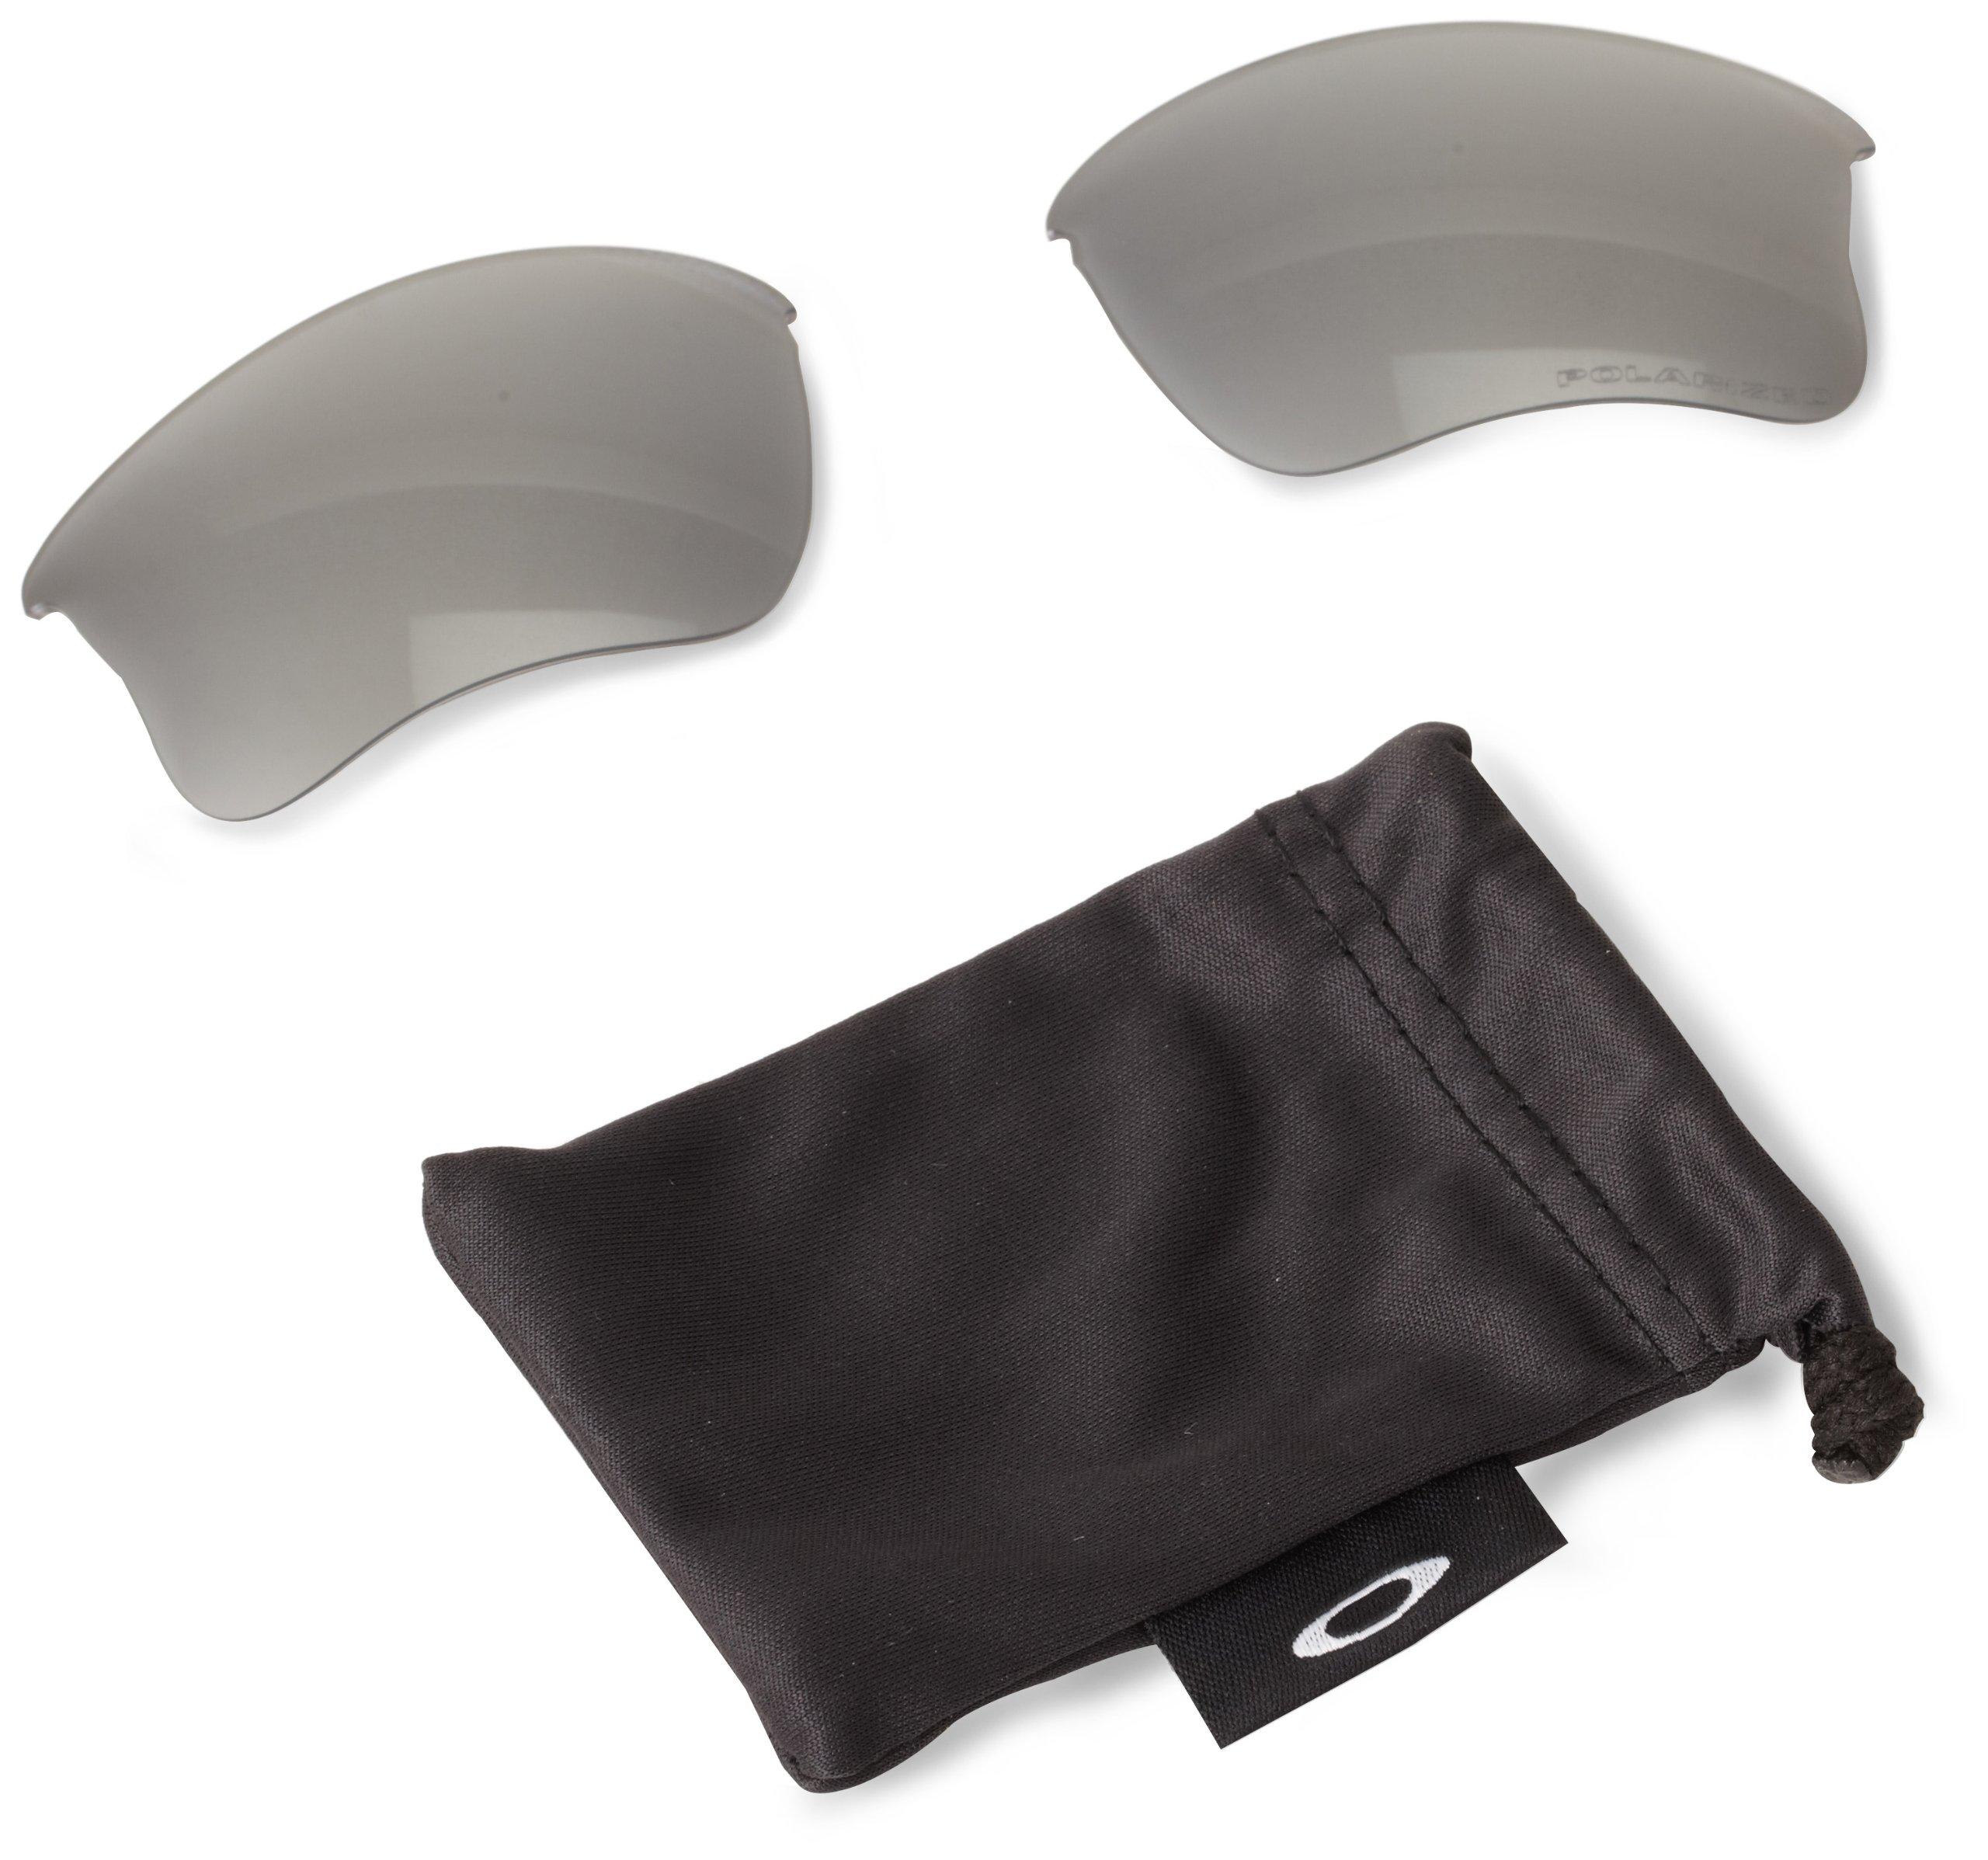 Oakley Men's Flak Jacket XLJ Sunglasses Replacement Lenses, Black Iridium Polarized, 63 mm by Oakley